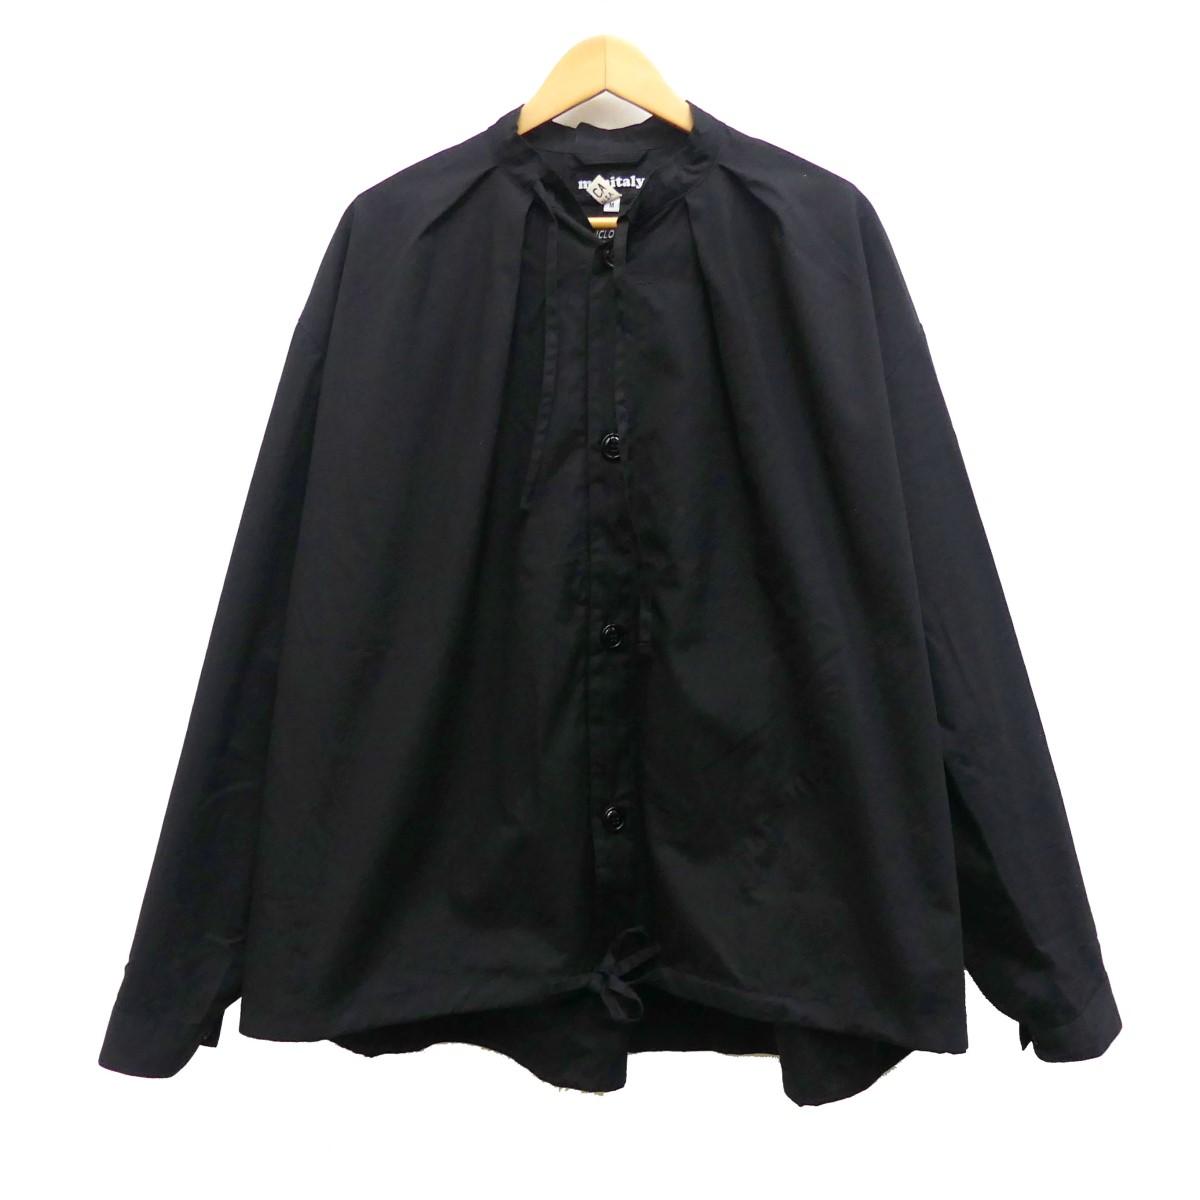 【中古】monitaly ×VANCLOTH&SONS ビッグサイズブルゾン ブラック サイズ:M 【150420】(モニタリー)